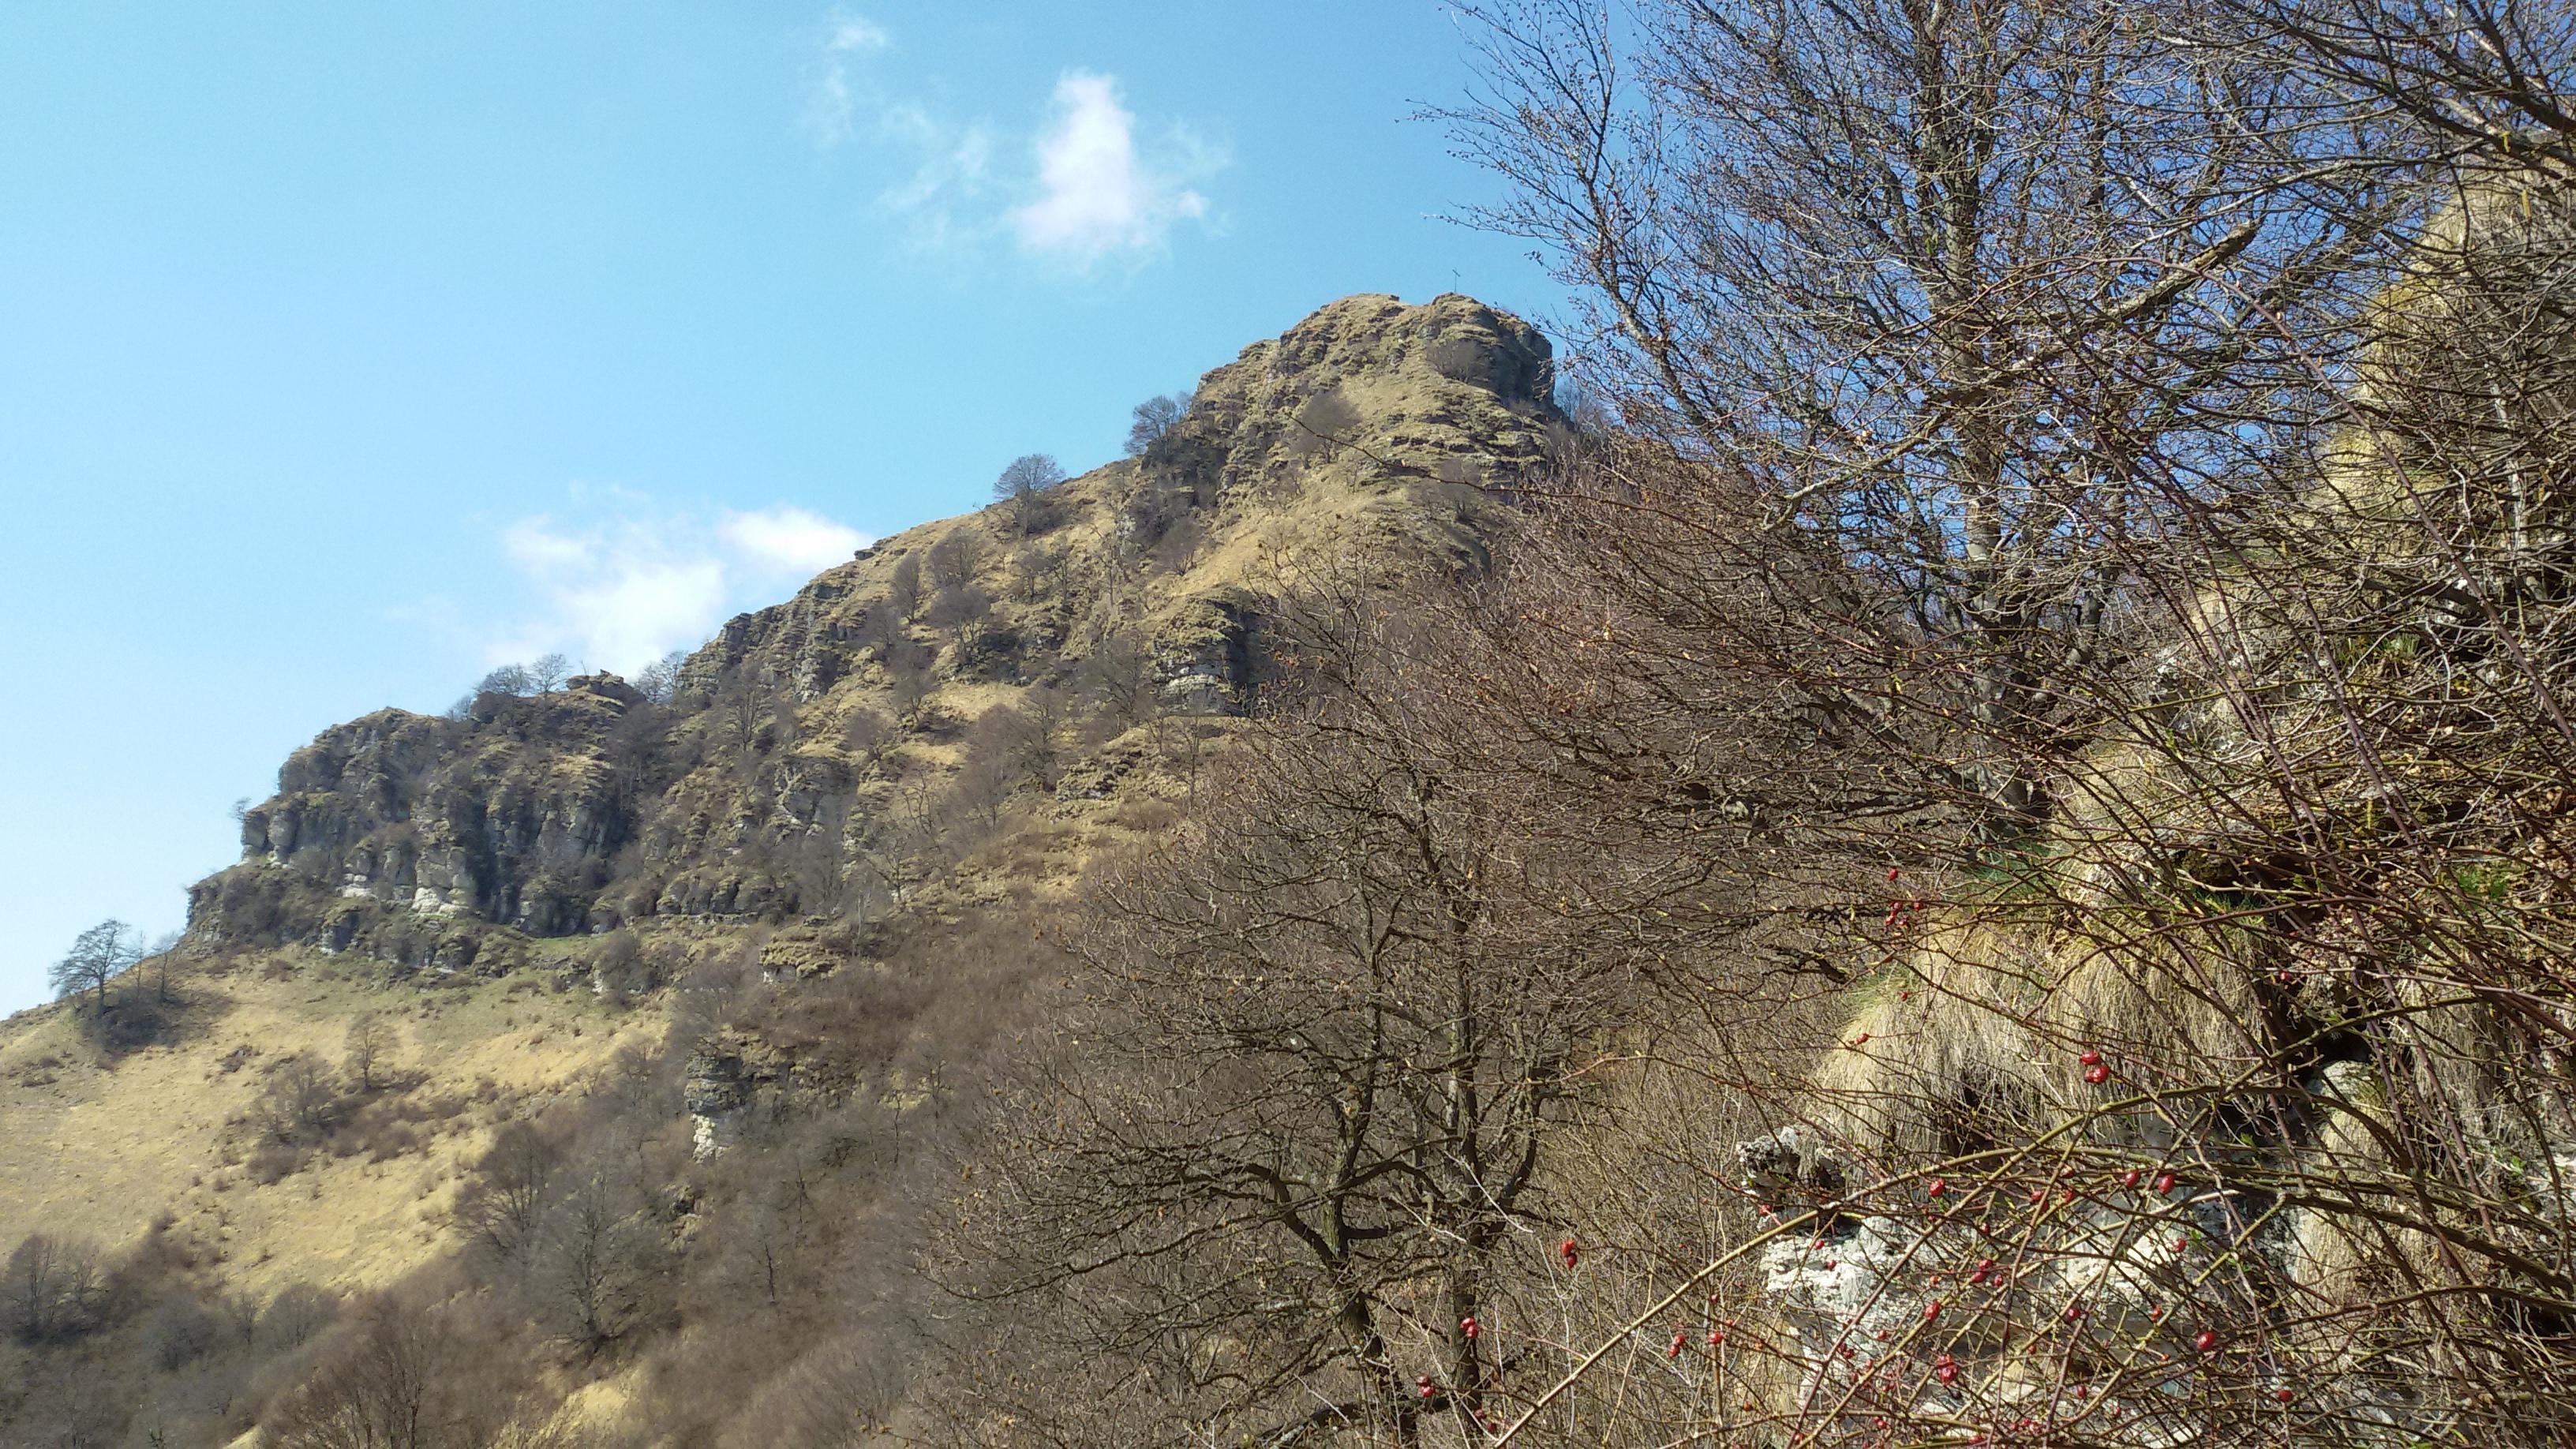 Ascesa alla vetta del Sasso Gordona a cura del Gruppo Escursionistico Pietas – Nord Italia.